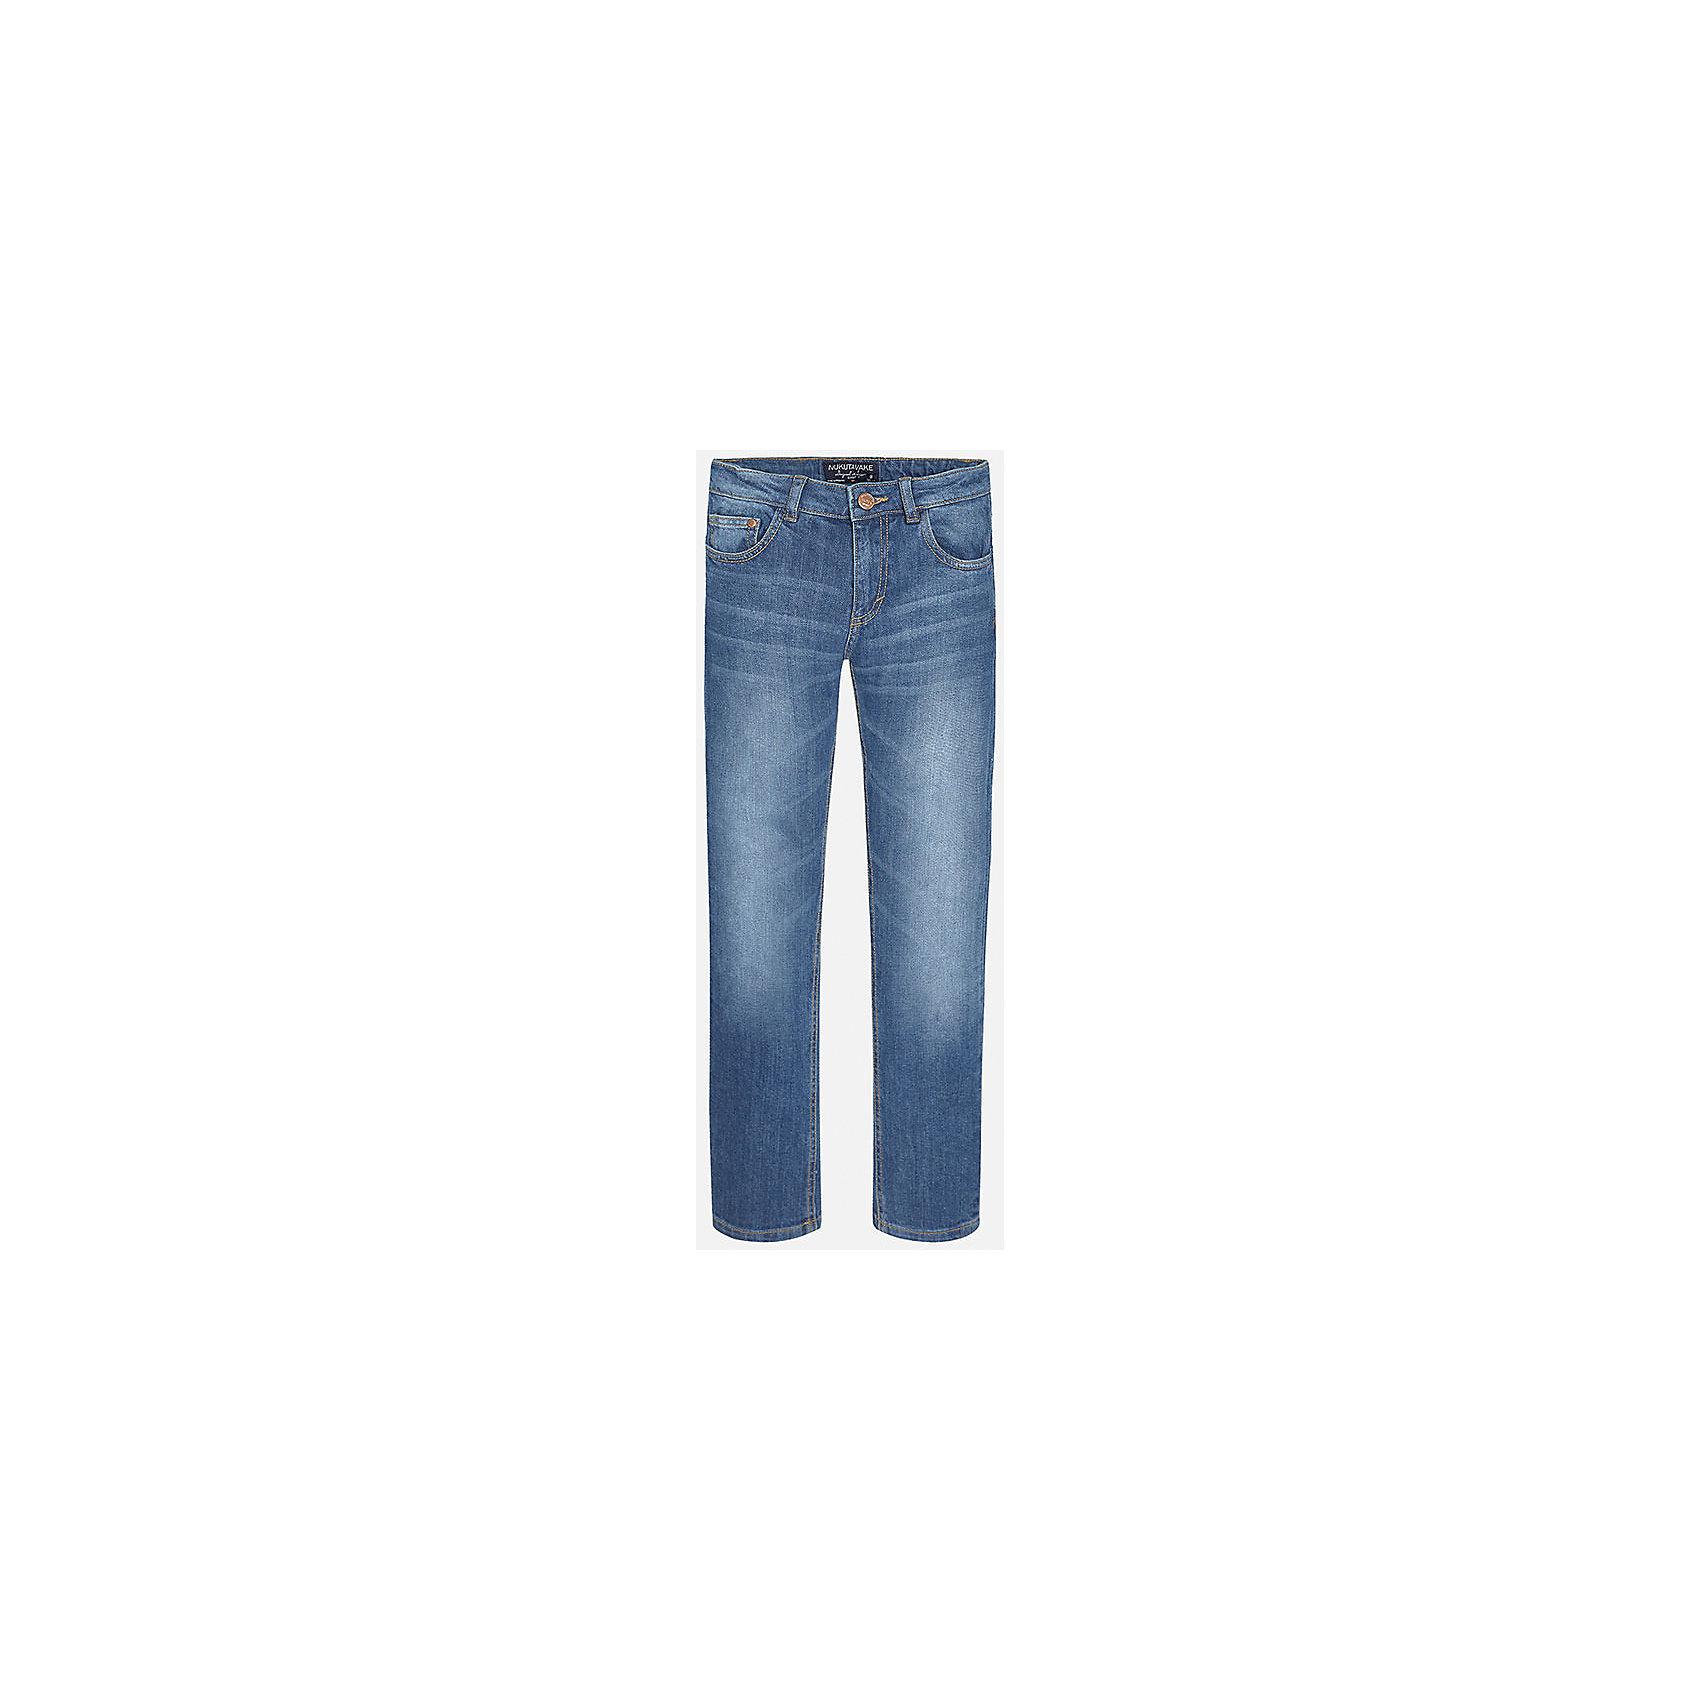 Брюки для мальчика MayoralХорошие, качественные джинсы - это необходимый атрибут в гардеробе каждого человека!<br><br>Дополнительная информация:<br><br>- Крой: классический крой (Regular fit).<br>- Страна бренда: Испания.<br>- Состав: хлопок 98%, эластан 2%.<br>- Цвет: синий.<br>- Уход: бережная стирка при 30 градусах.<br><br>Купить брюки для мальчика Mayoral можно в нашем магазине.<br><br>Ширина мм: 215<br>Глубина мм: 88<br>Высота мм: 191<br>Вес г: 336<br>Цвет: синий<br>Возраст от месяцев: 144<br>Возраст до месяцев: 156<br>Пол: Мужской<br>Возраст: Детский<br>Размер: 152/158,146/152,140/146,164/170,128/134,158/164<br>SKU: 4826596